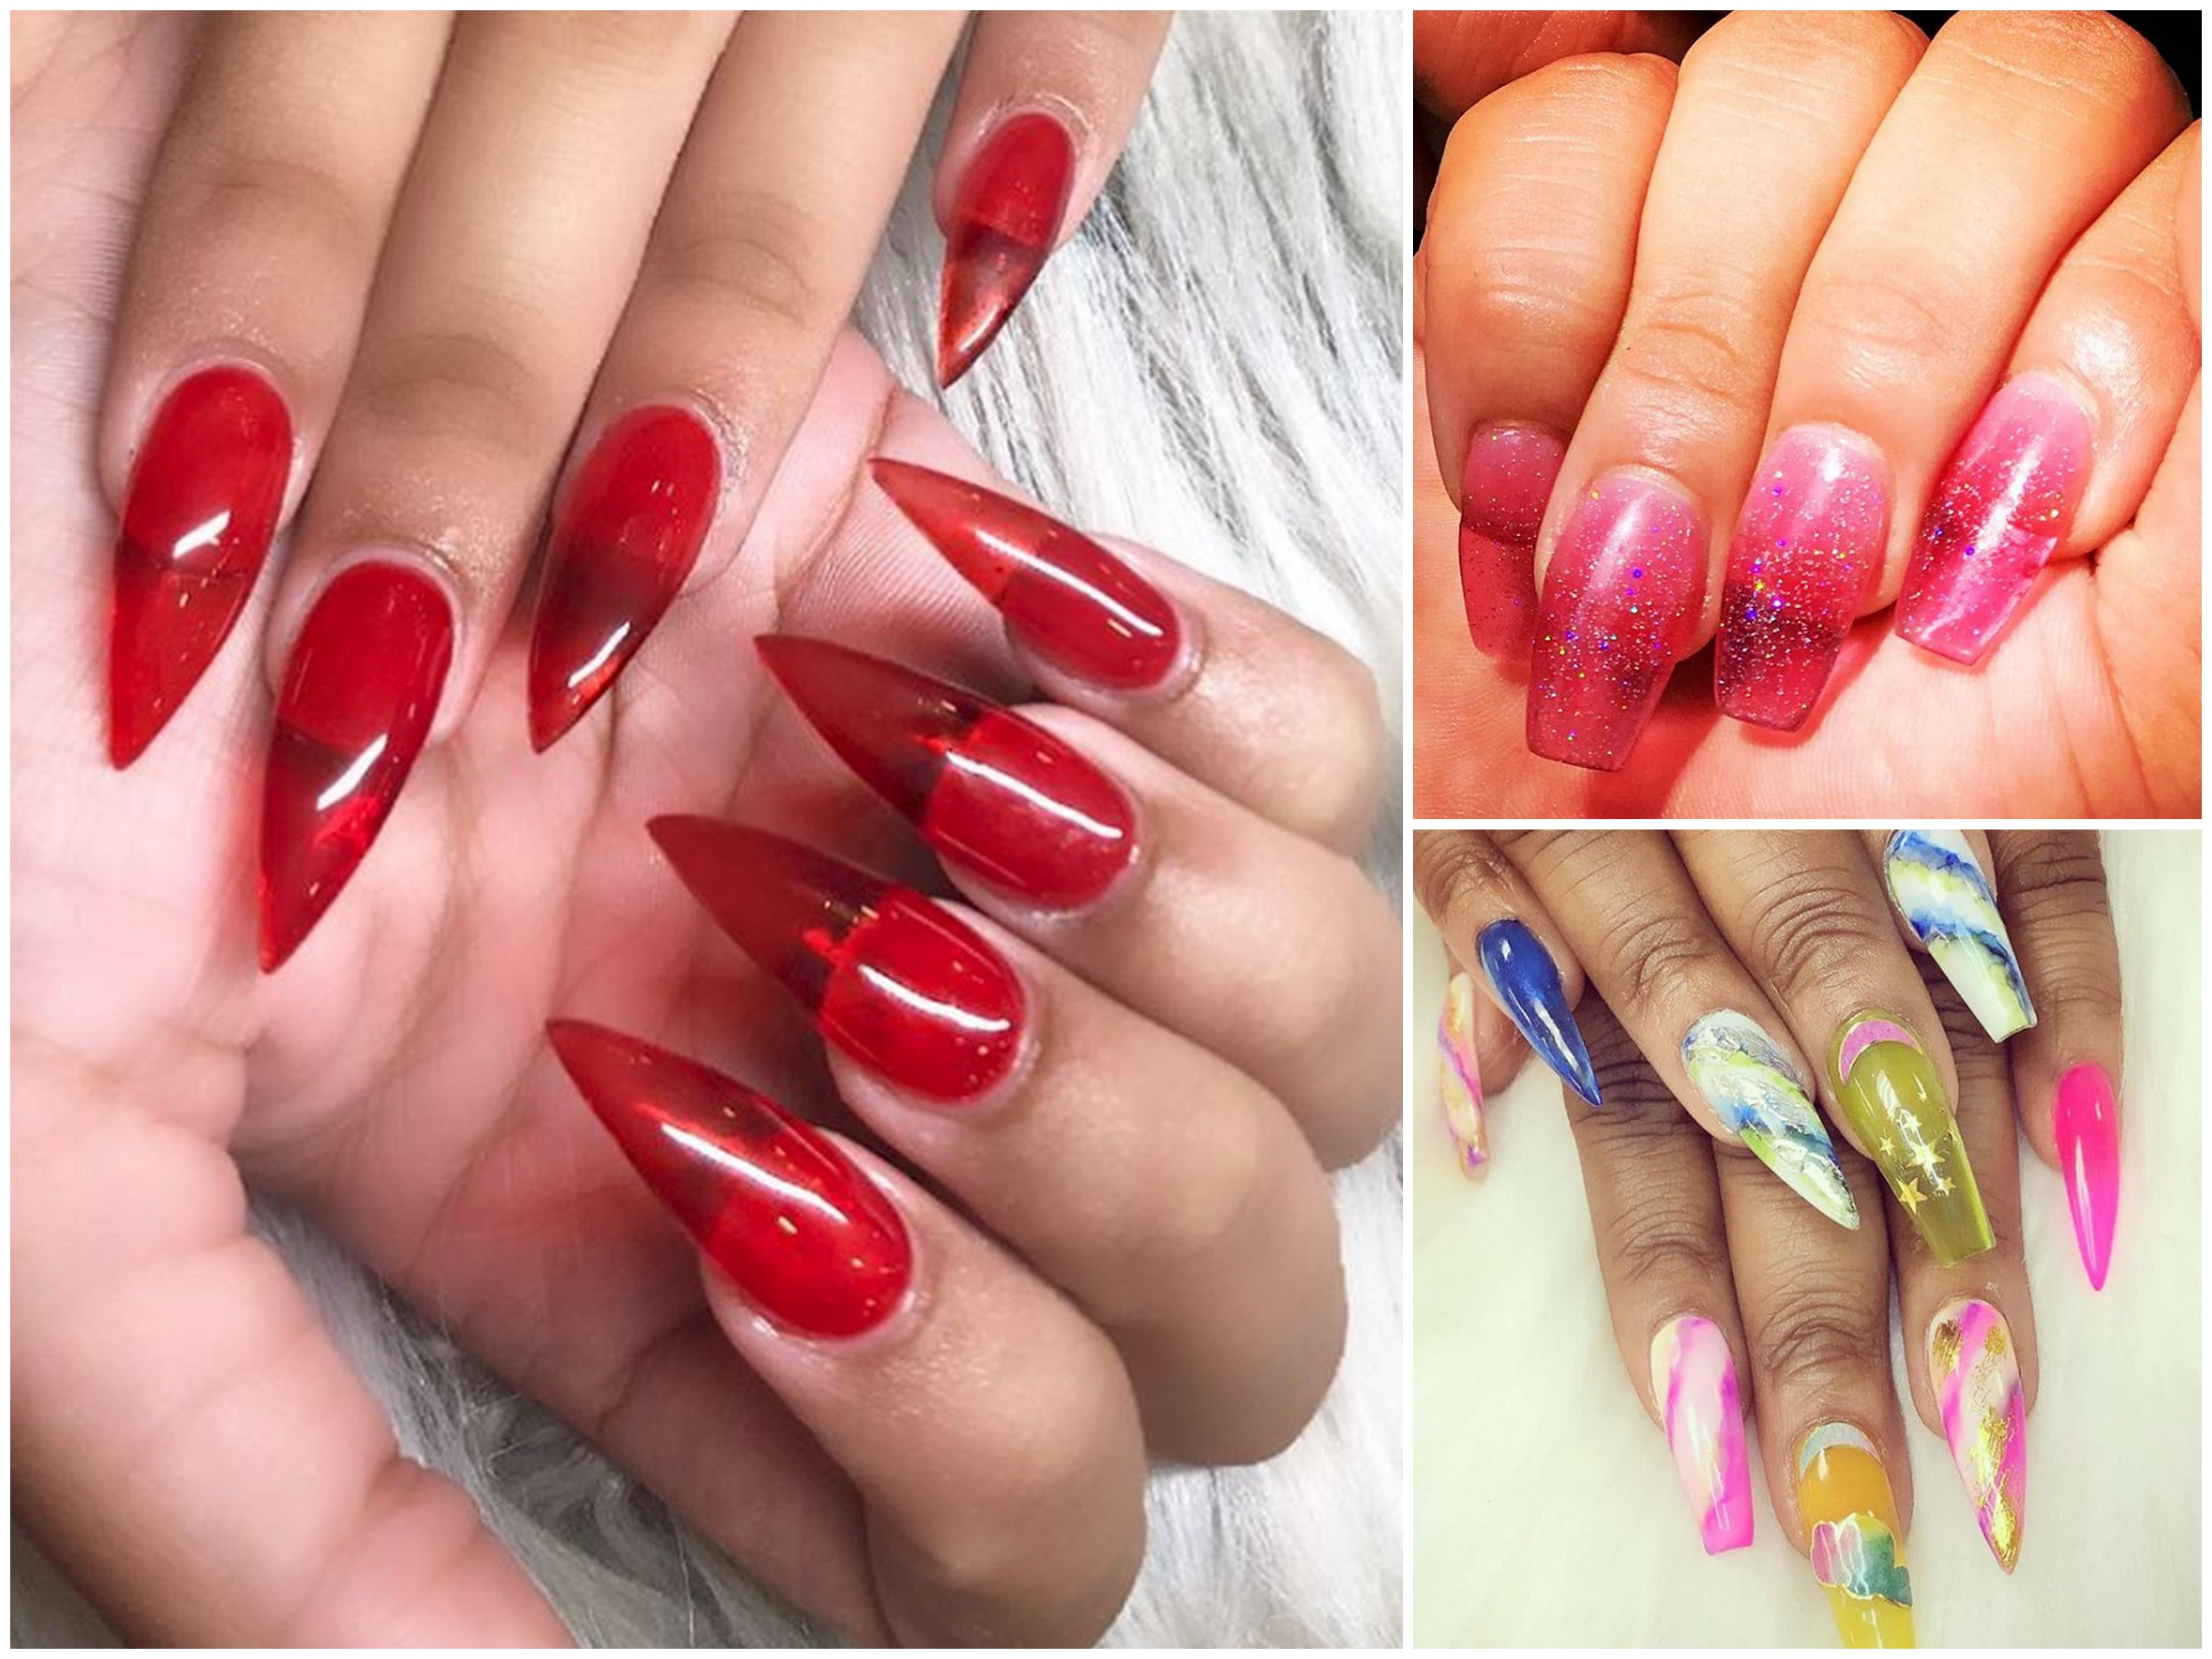 Jelly Nails, il nuovo trend Instagram dedicato alle unghie